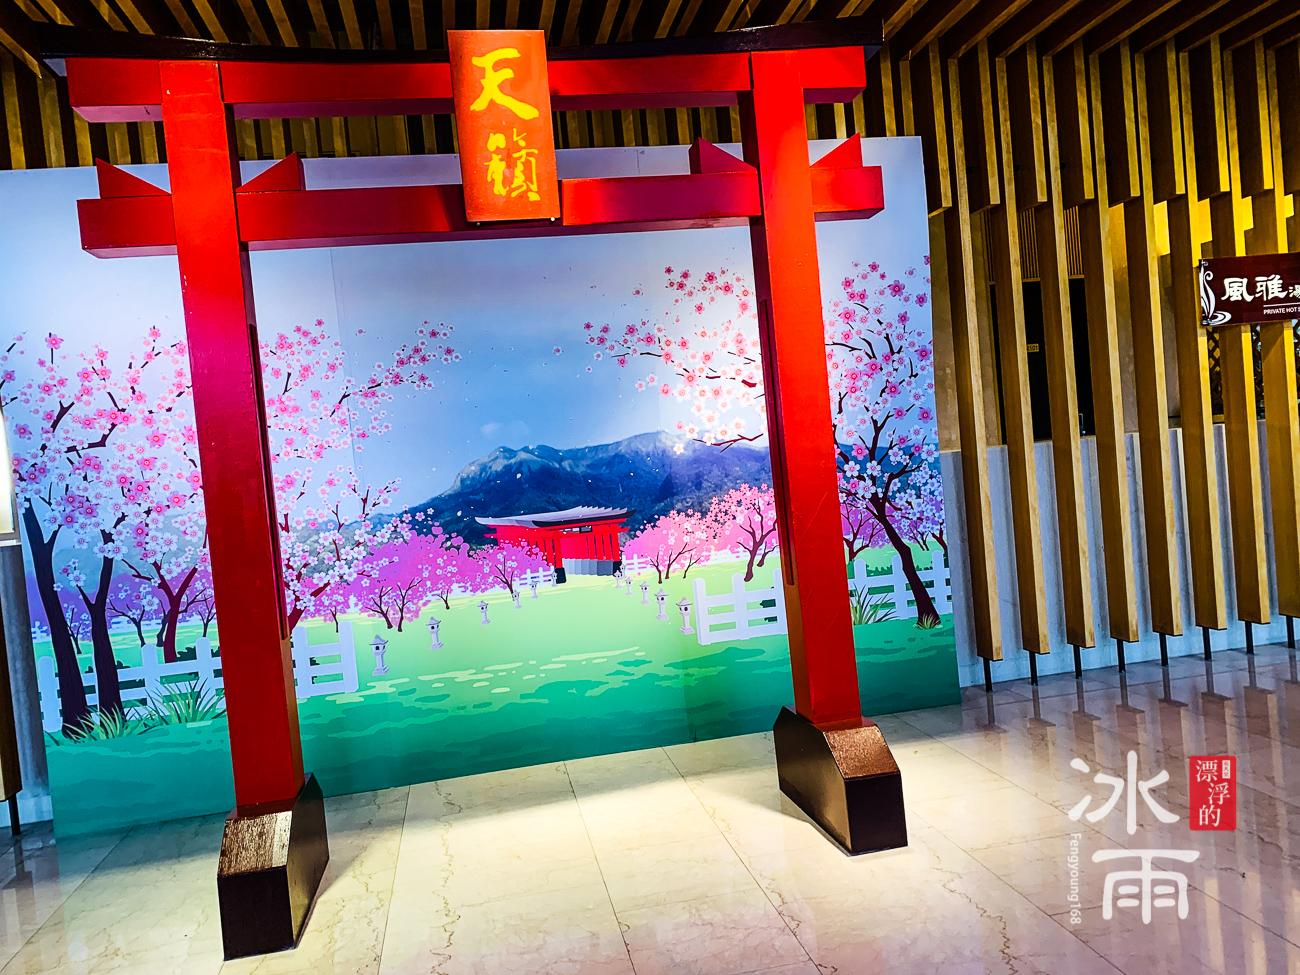 陽明山天籟渡假酒店|和風館景點